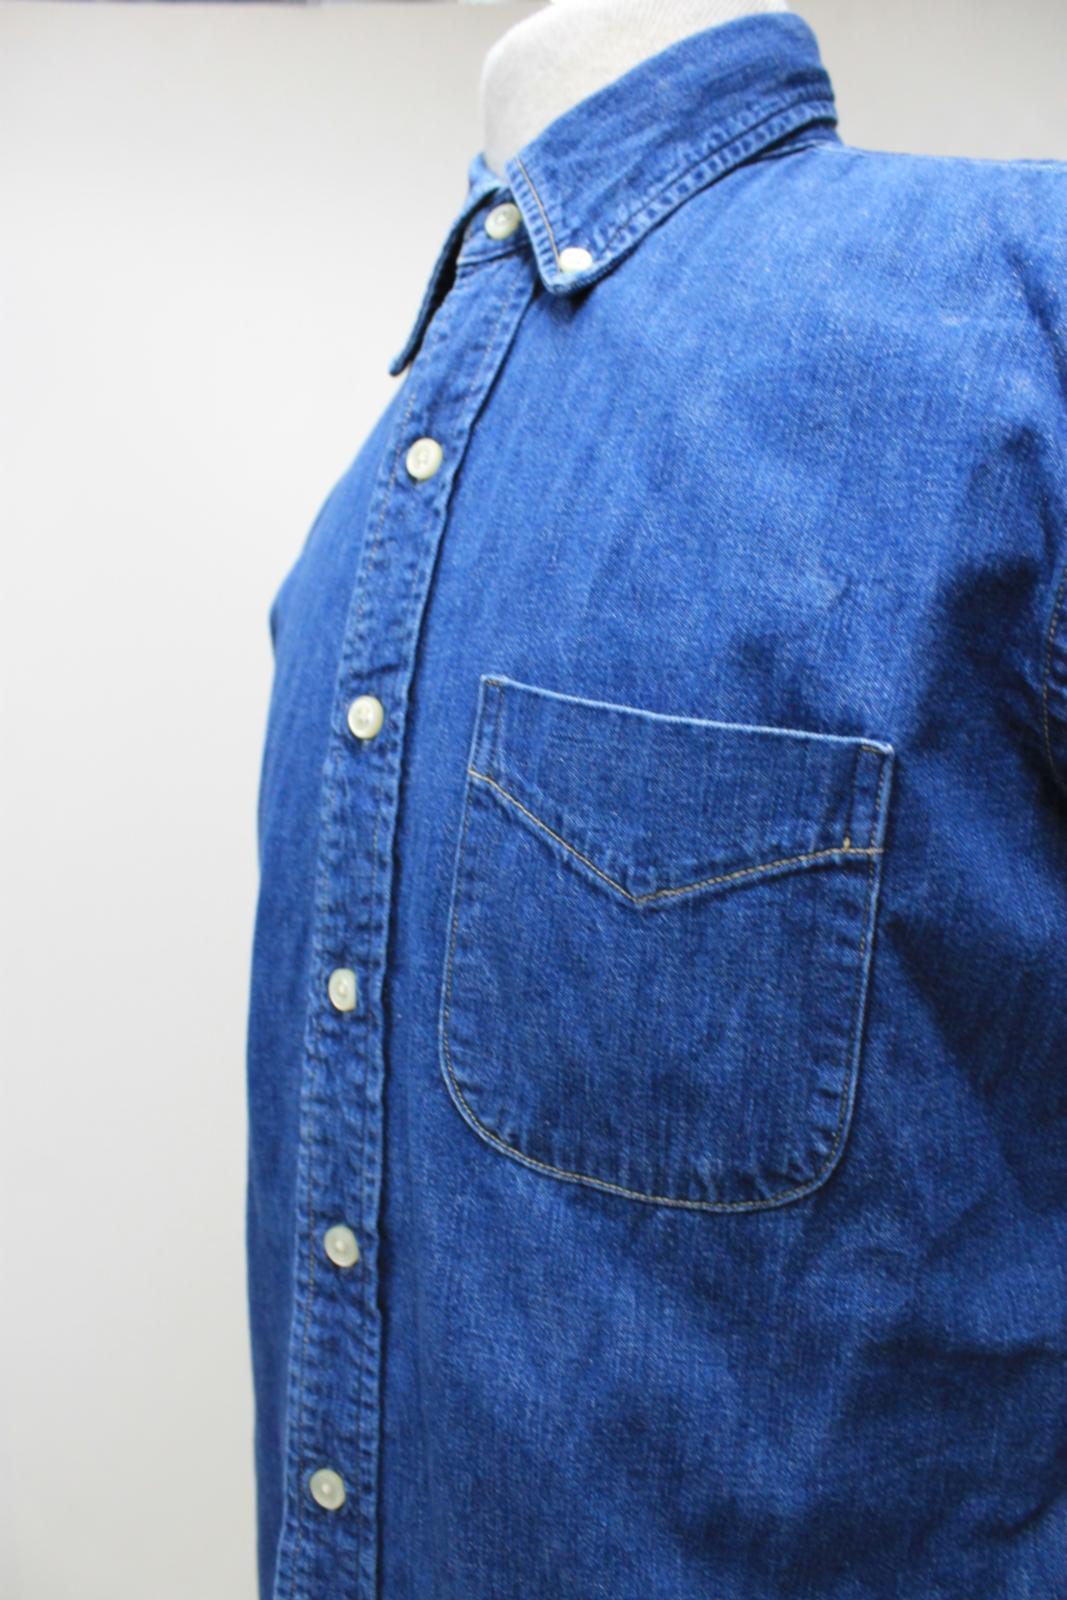 Orslow-Hombres-Azul-Algodon-Denim-Con-Cuello-Botones-camisa-de-mangas-largas-Talla-XL miniatura 8